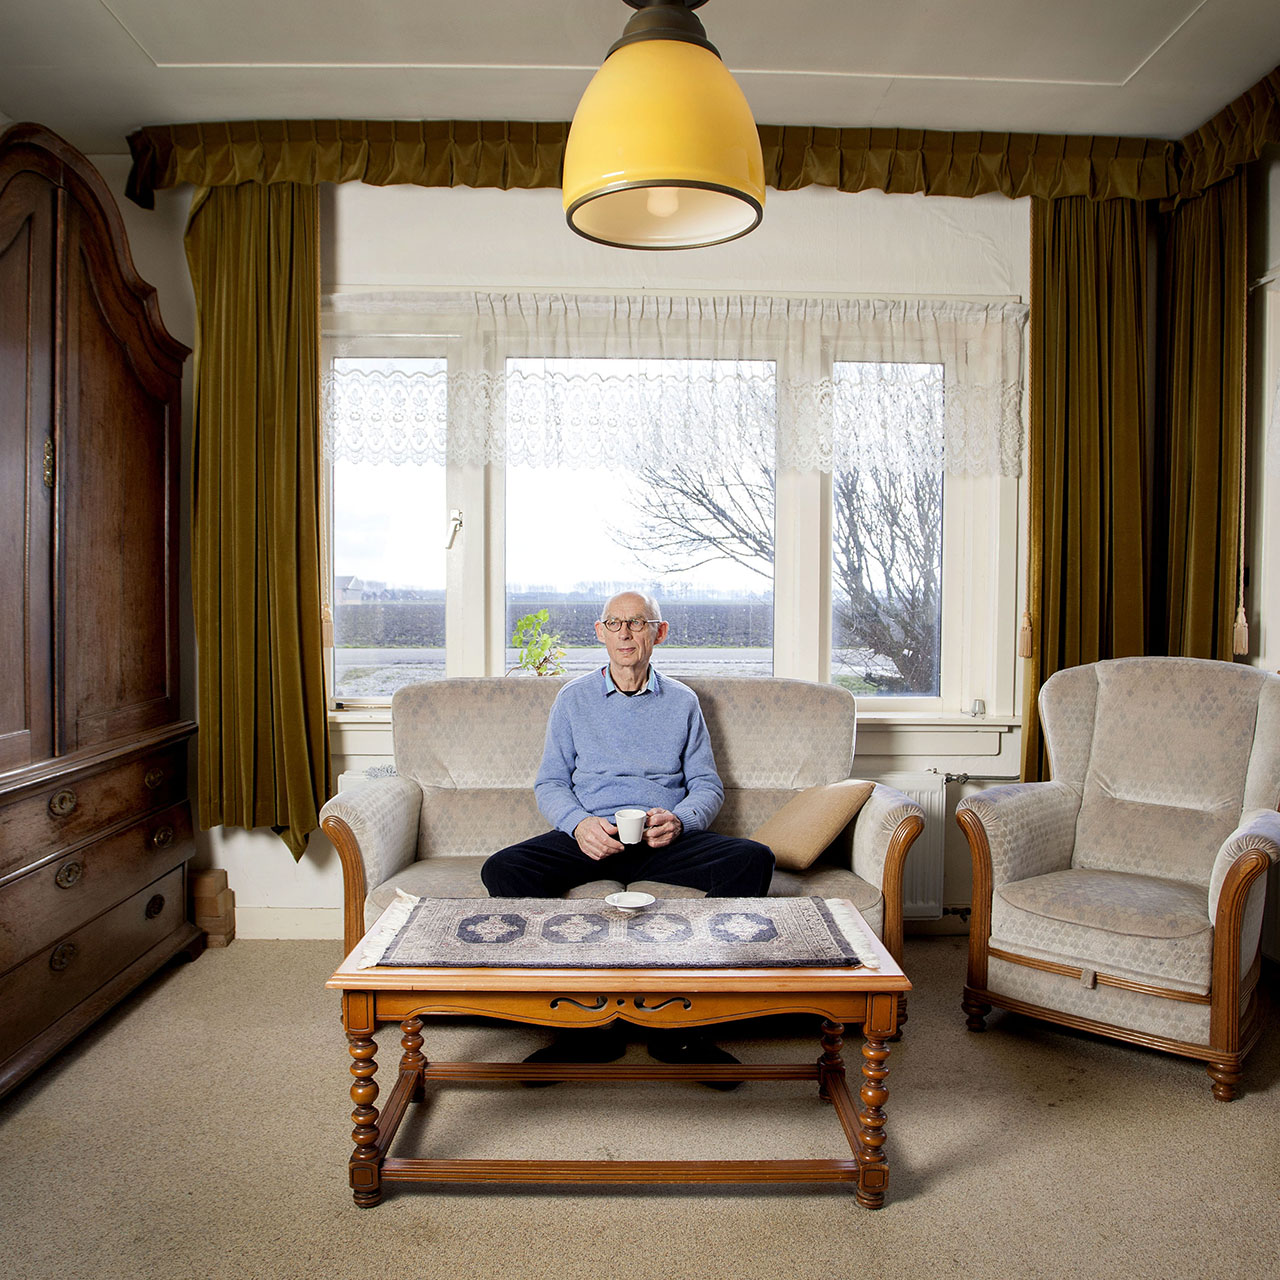 Dhr Spruit, auteur, heeft een boek geschreven over eenzaamheid